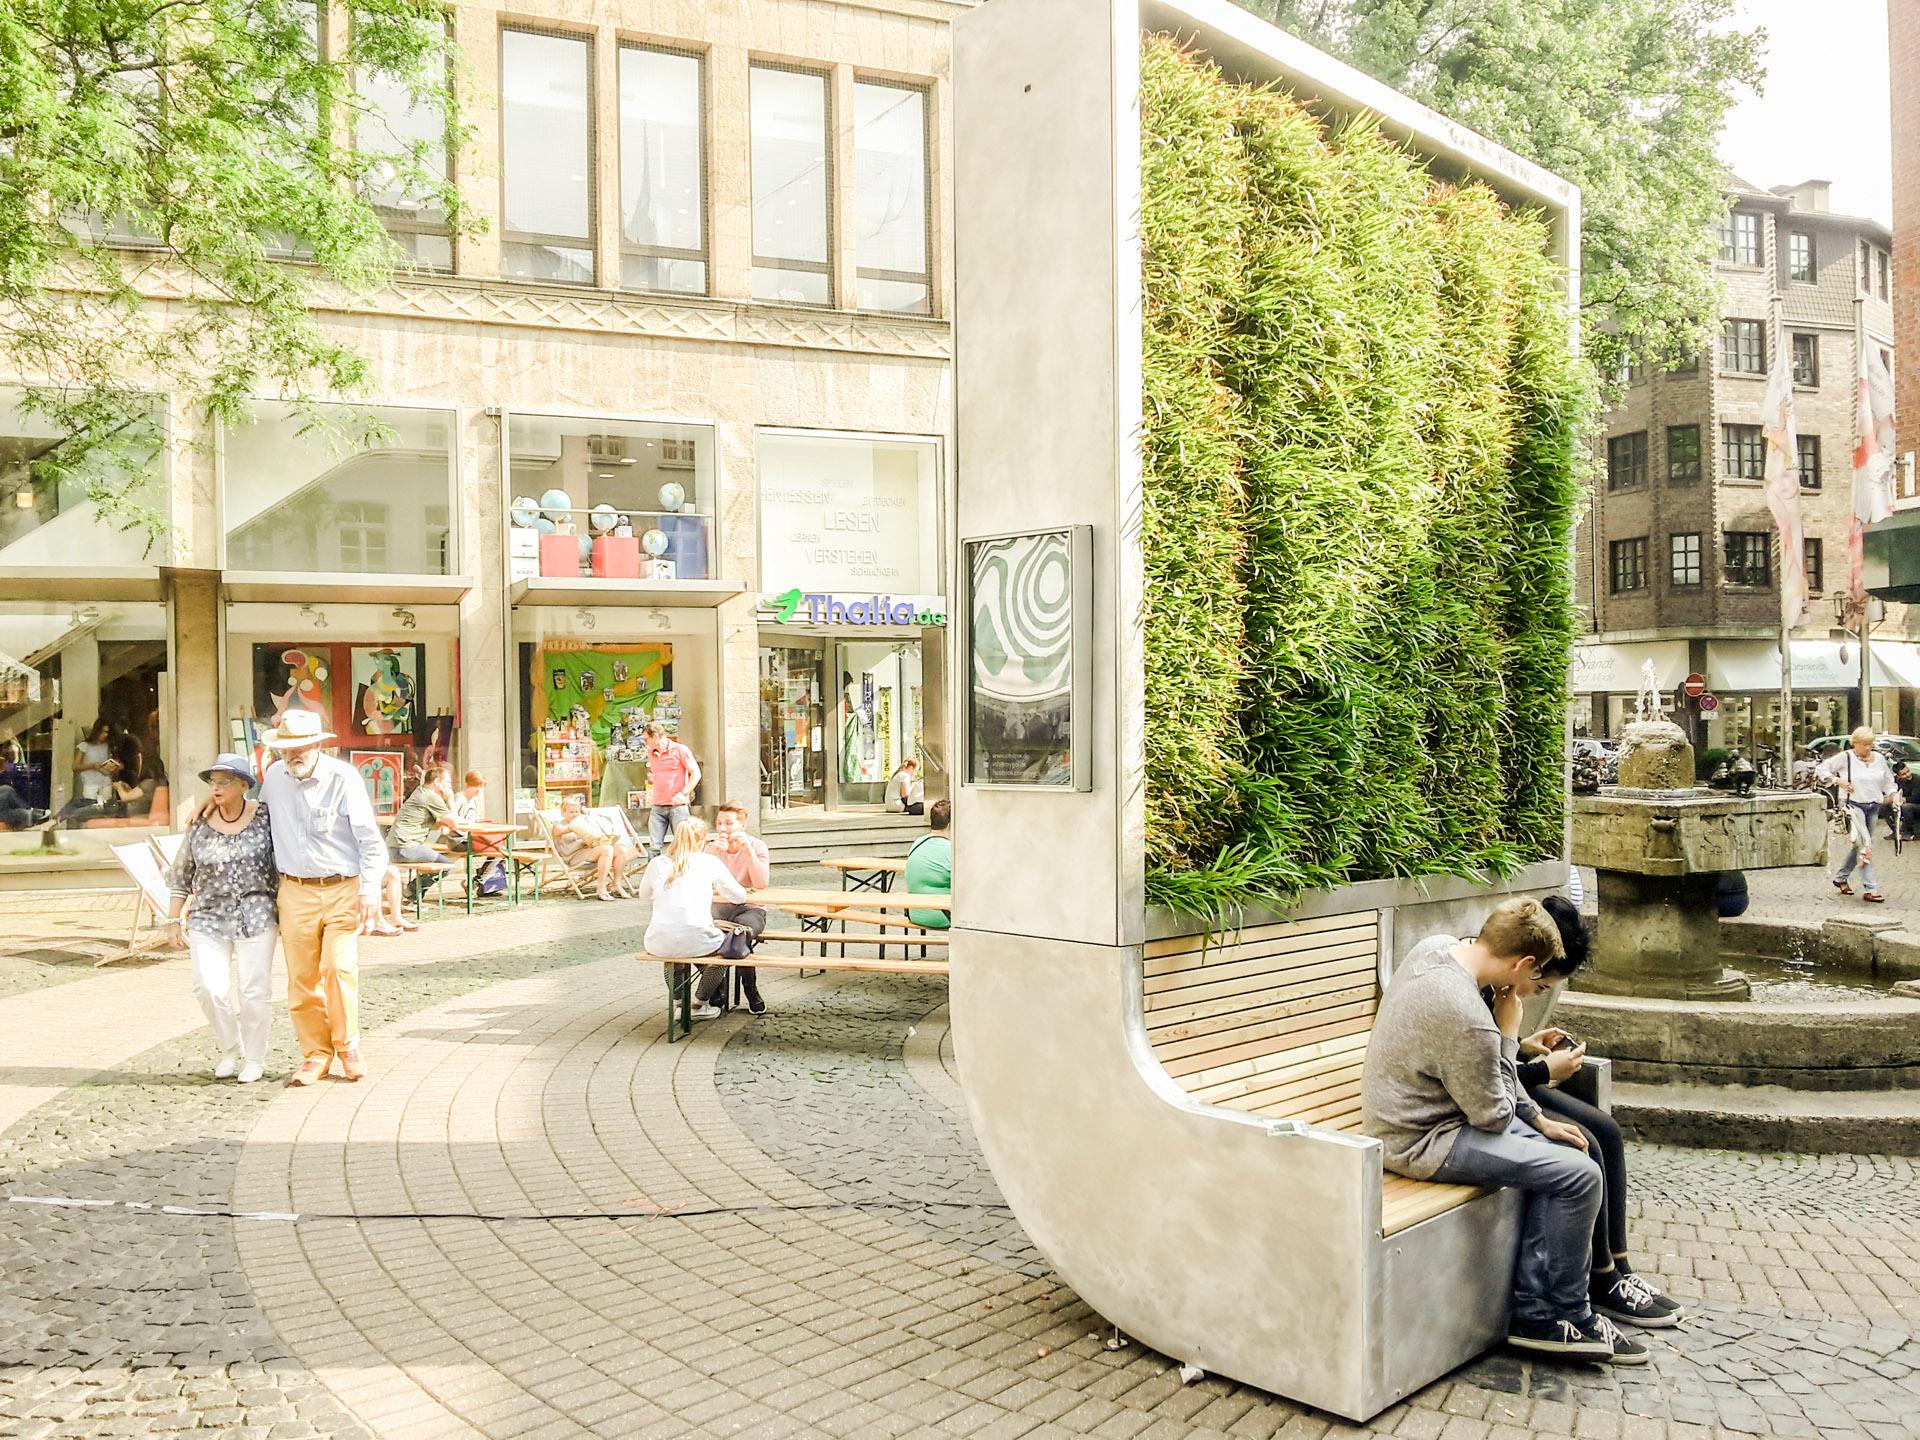 CityTree_Krefeld_Kultur findet Stadt(t)_4